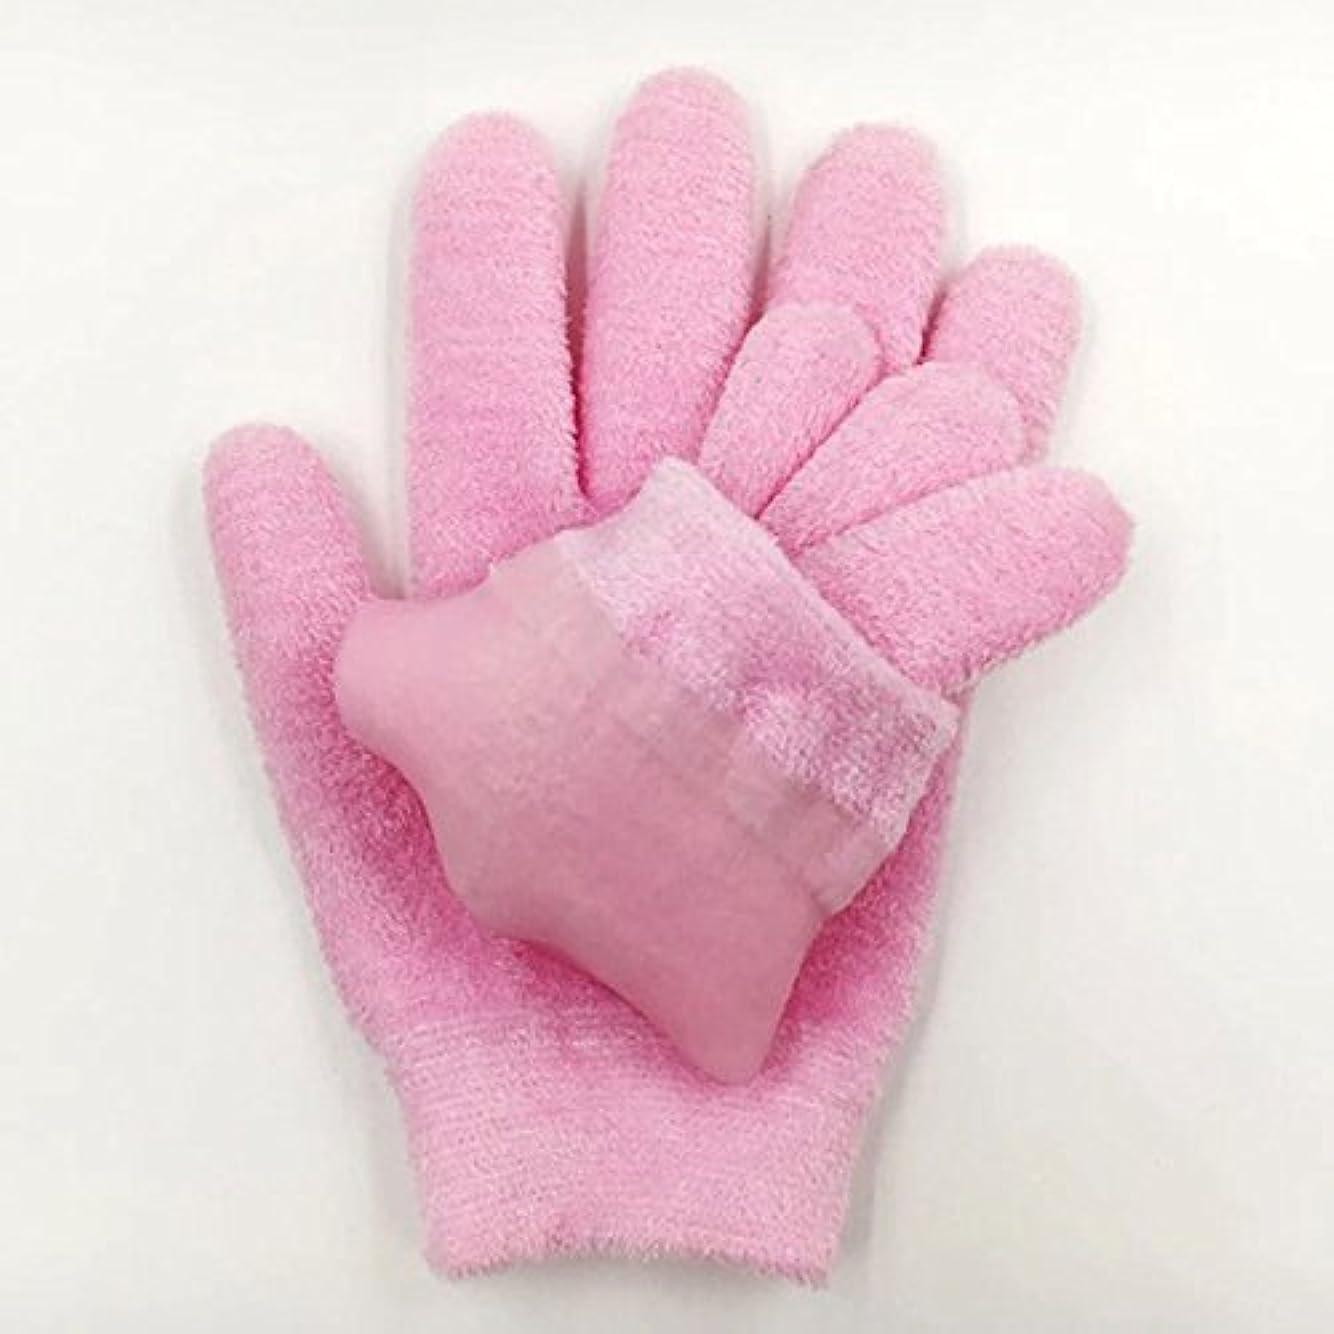 しばしばジーンズチップSmato SPAジェルグローブ ジェルソックス ハンドケアグローブ フットケアソックス 保湿手袋 手足ケア 足袋 美容 ハンド スキンケア ラッピング効果 角質ケア 手荒 美容成分 ピンク (グローブ, ピンク)